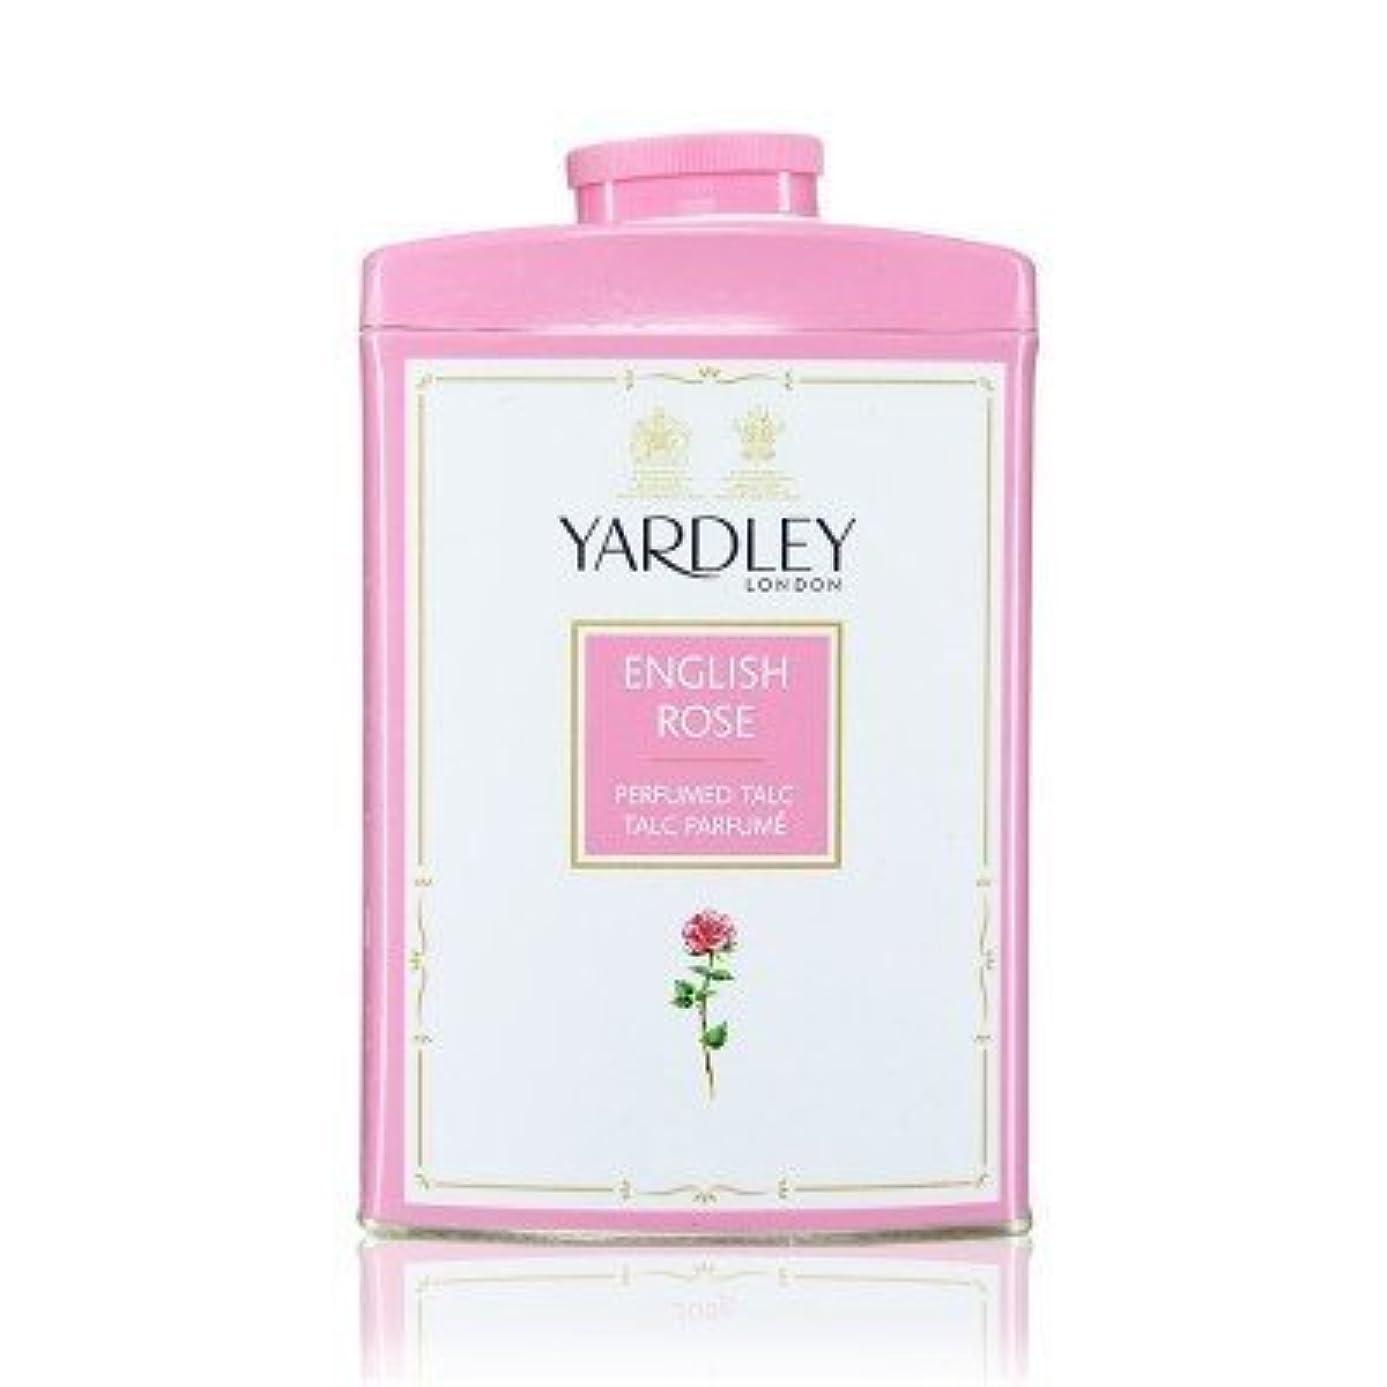 有用ドキュメンタリー廊下Yardley English Rose Perfumed Talc, 250 g by Yardley [並行輸入品]